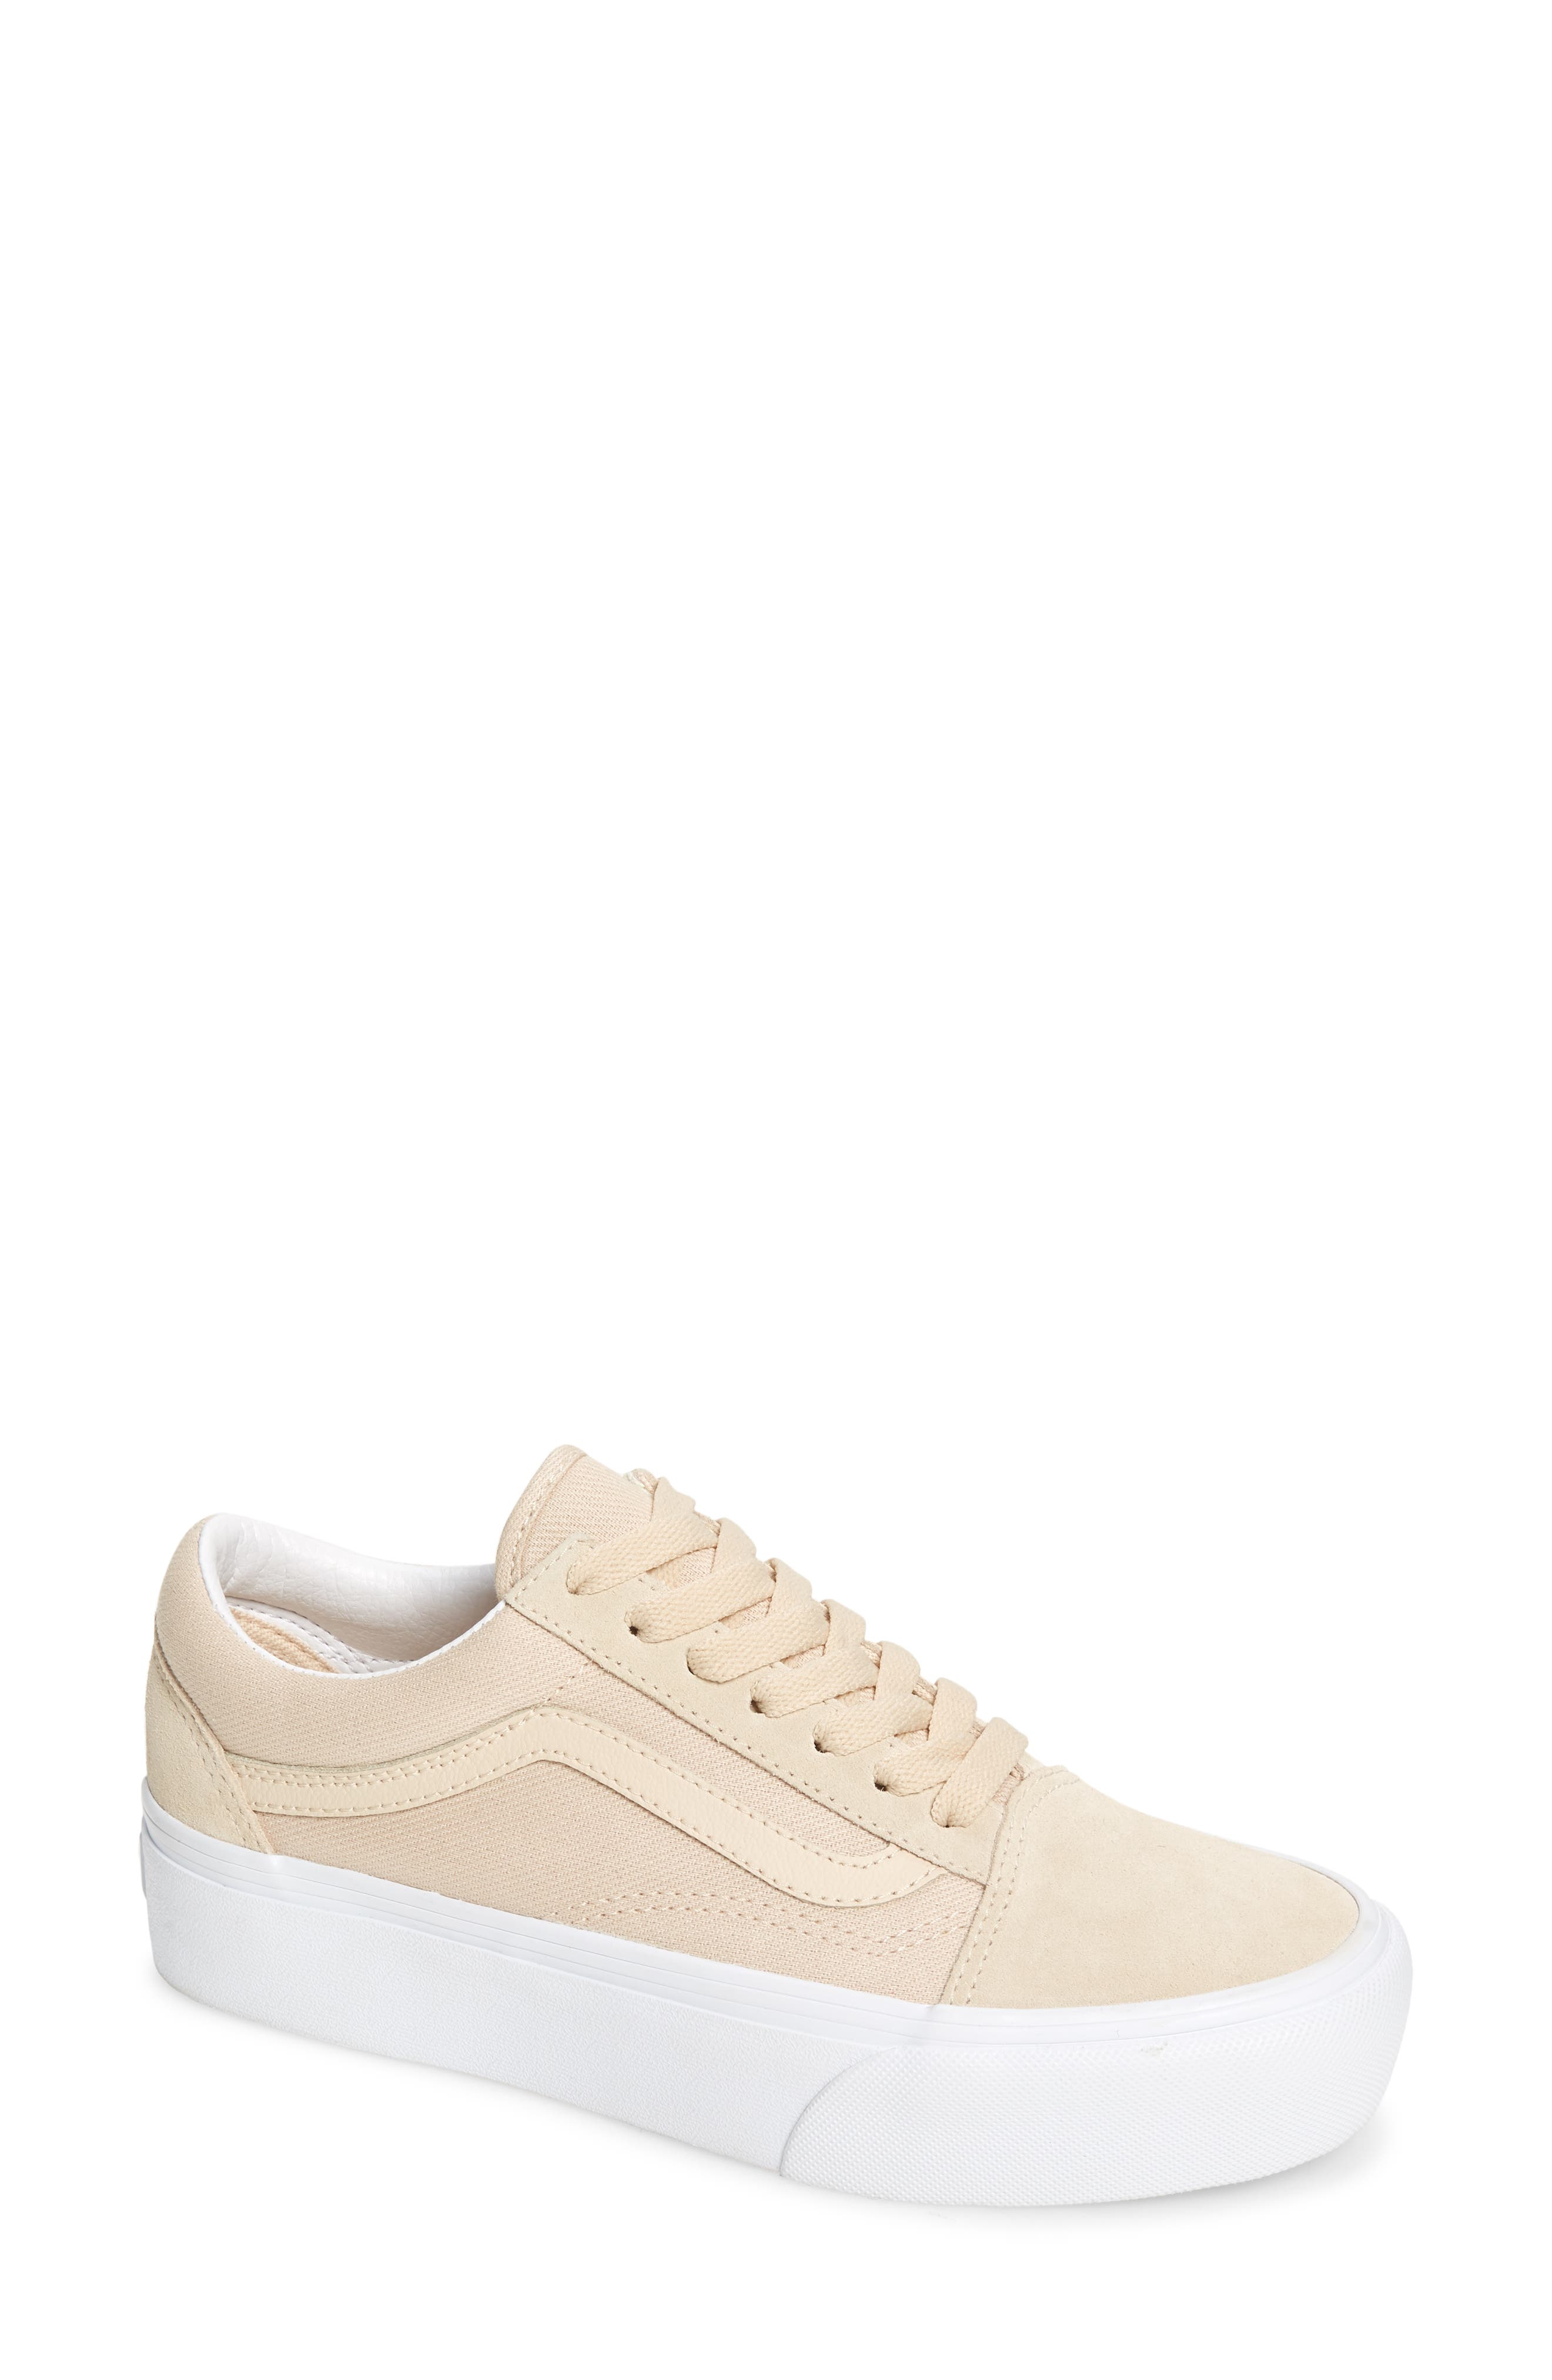 Vans Old Skool Platform Sneaker (Women